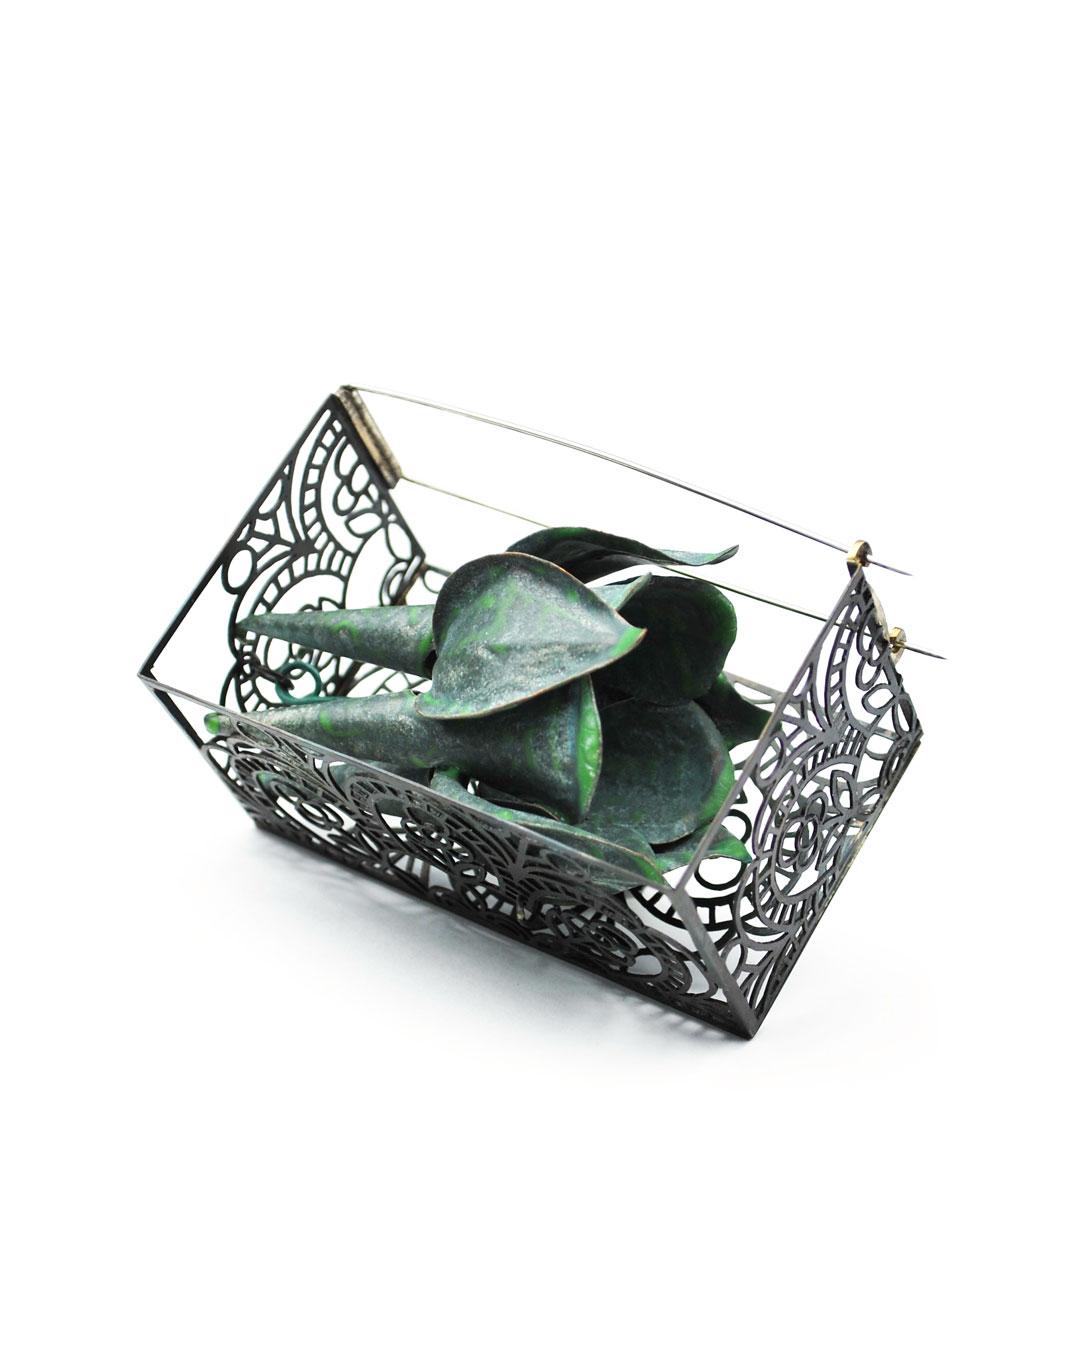 Vera Siemund, untitled, 2018, brooch; steel, enamelled copper, 80 x 45 x 50 mm, €1310